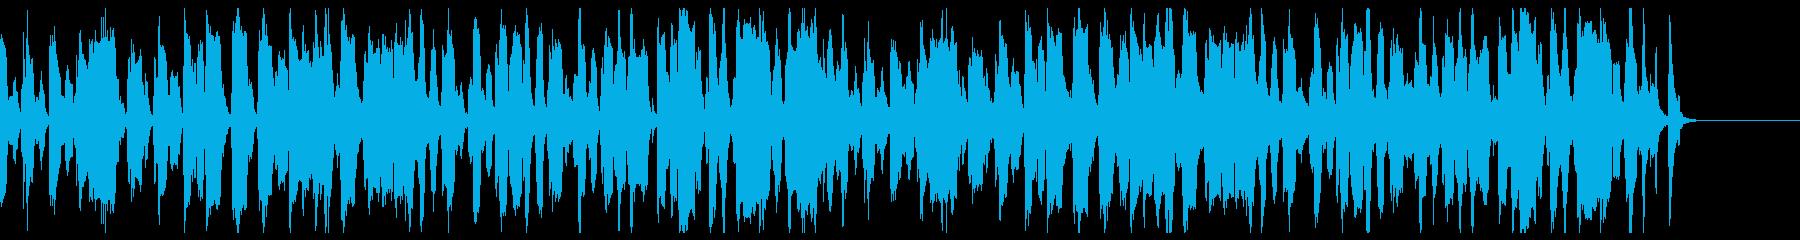 ほのぼの、間抜け、ビートが効いてる曲の再生済みの波形